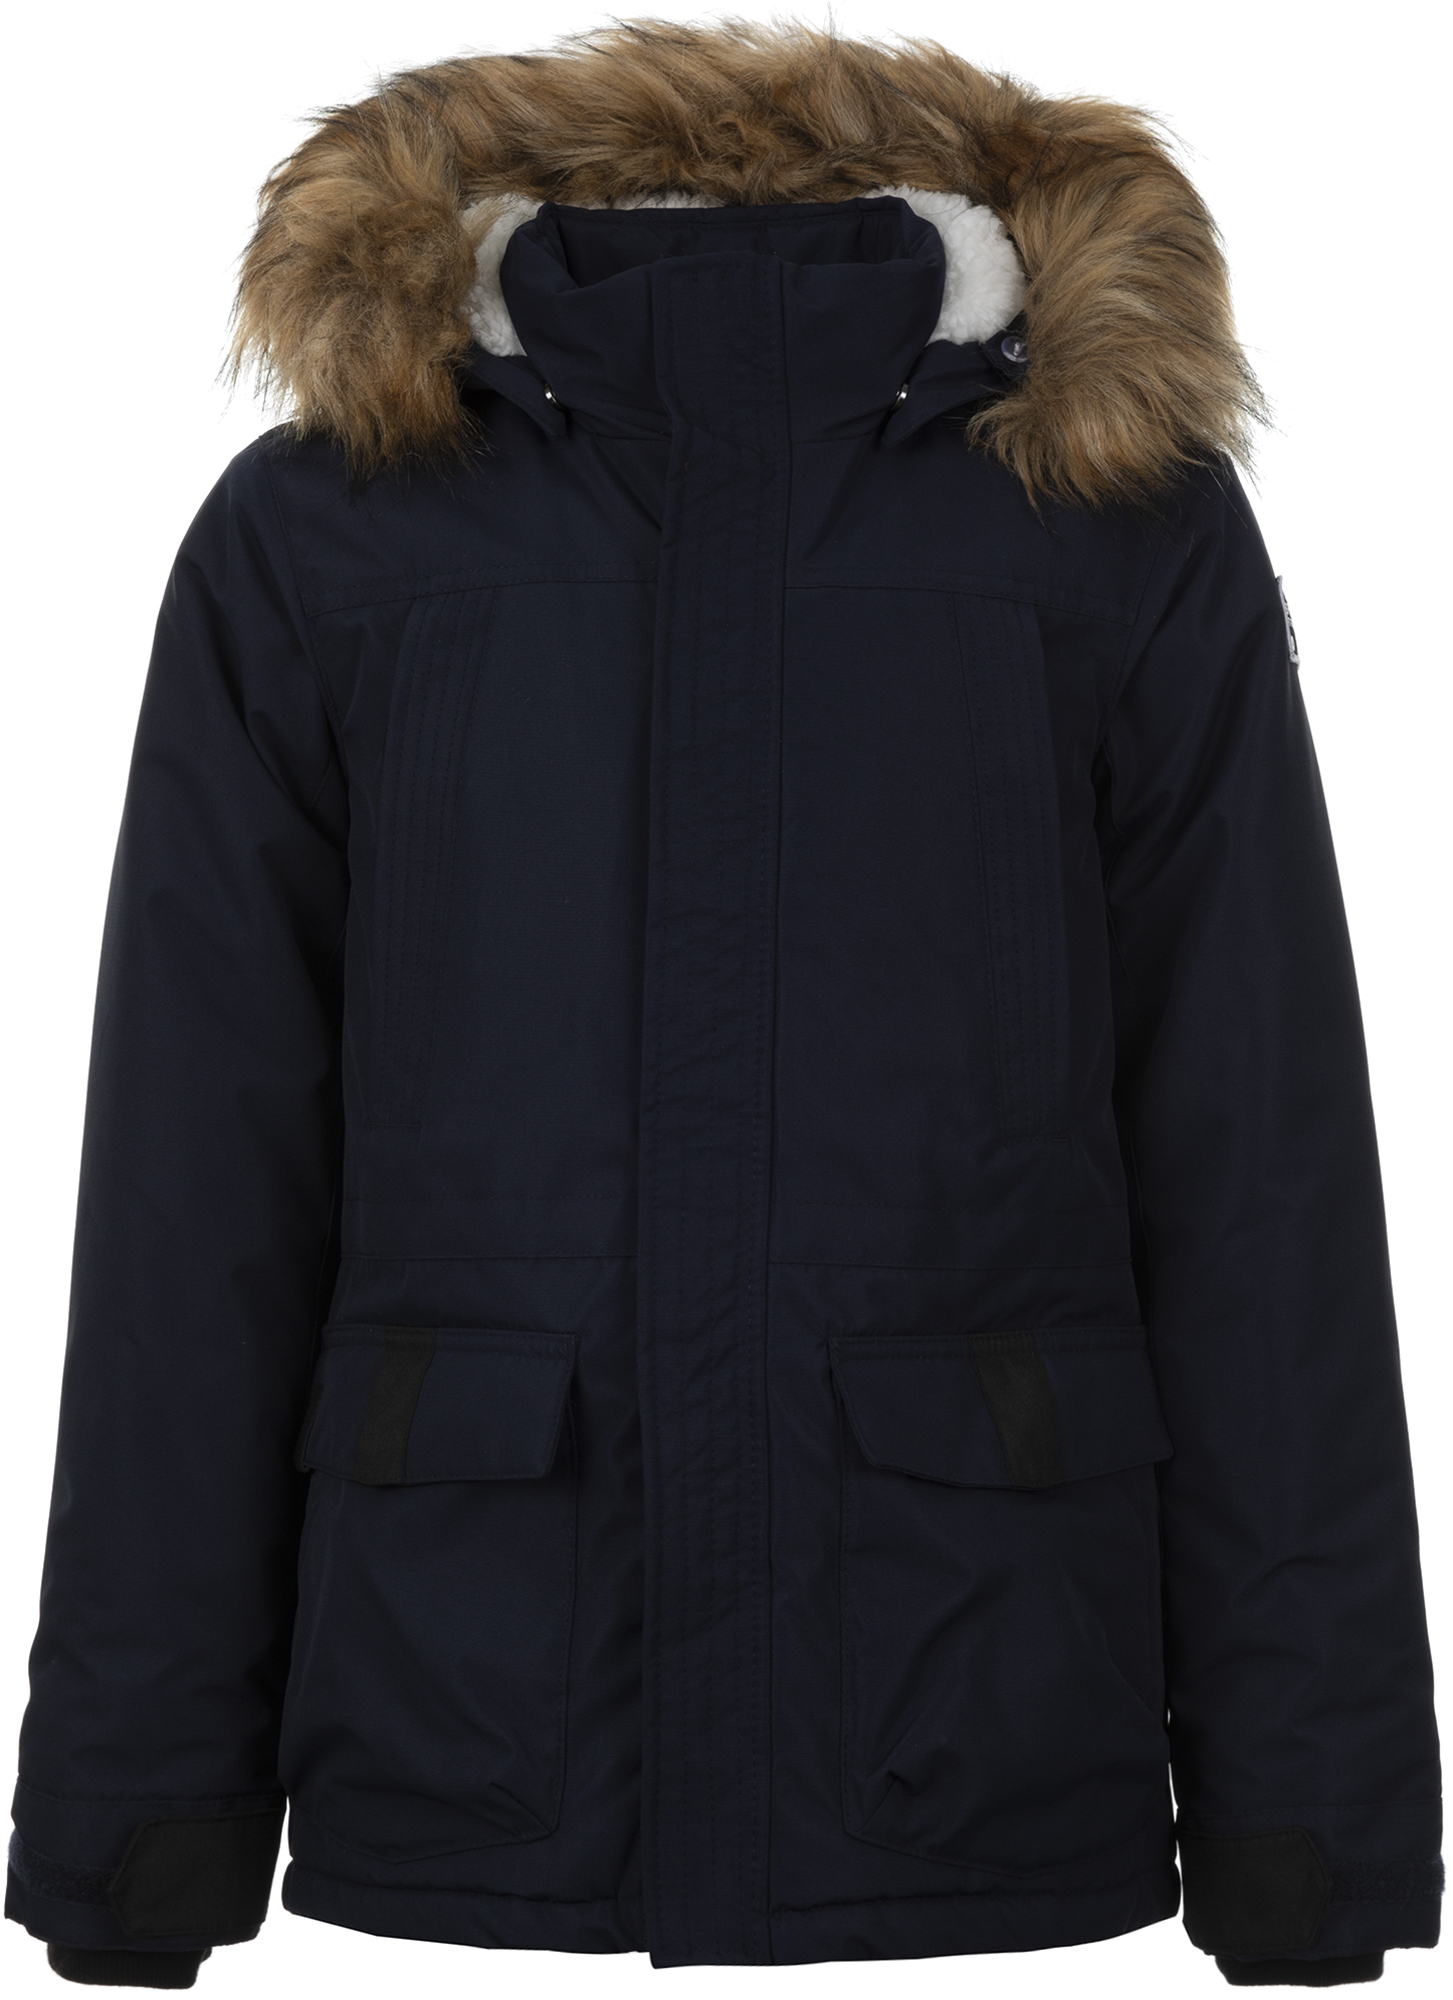 Luhta Куртка утепленная для мальчиков Luhta Kai, размер 164